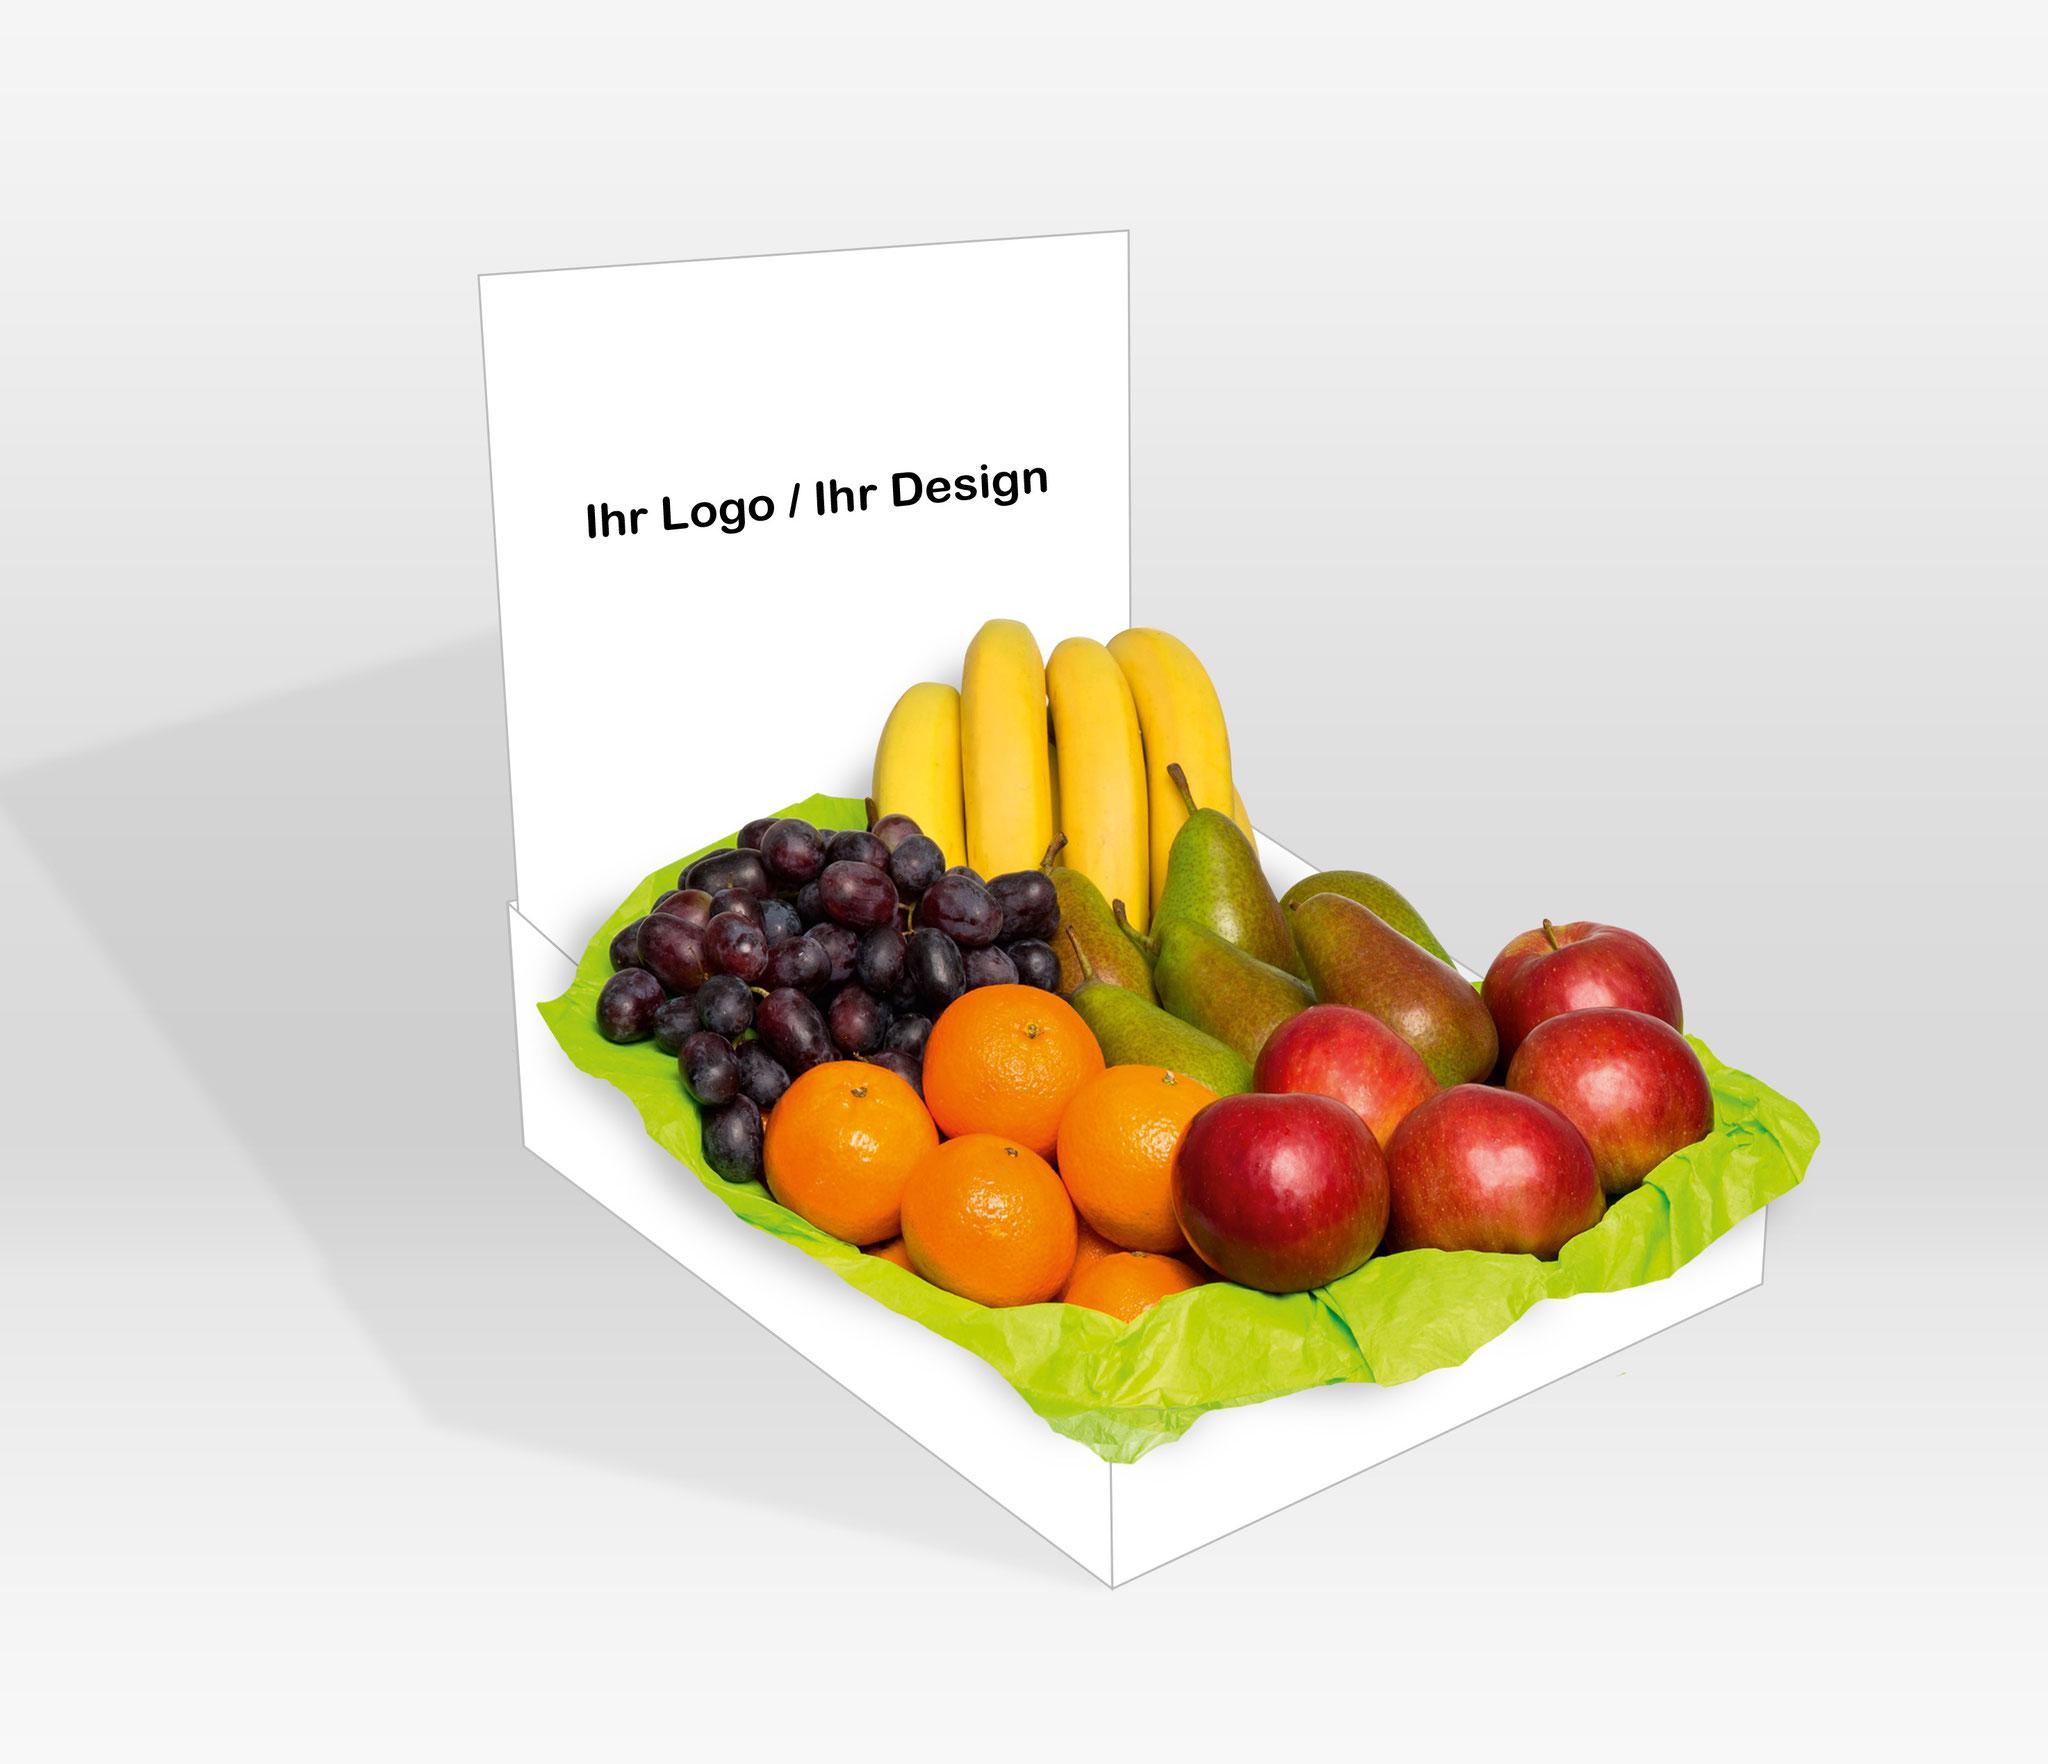 Die TWINT-Früchtebox  können Sie nach Ihren Wünschen gestalten